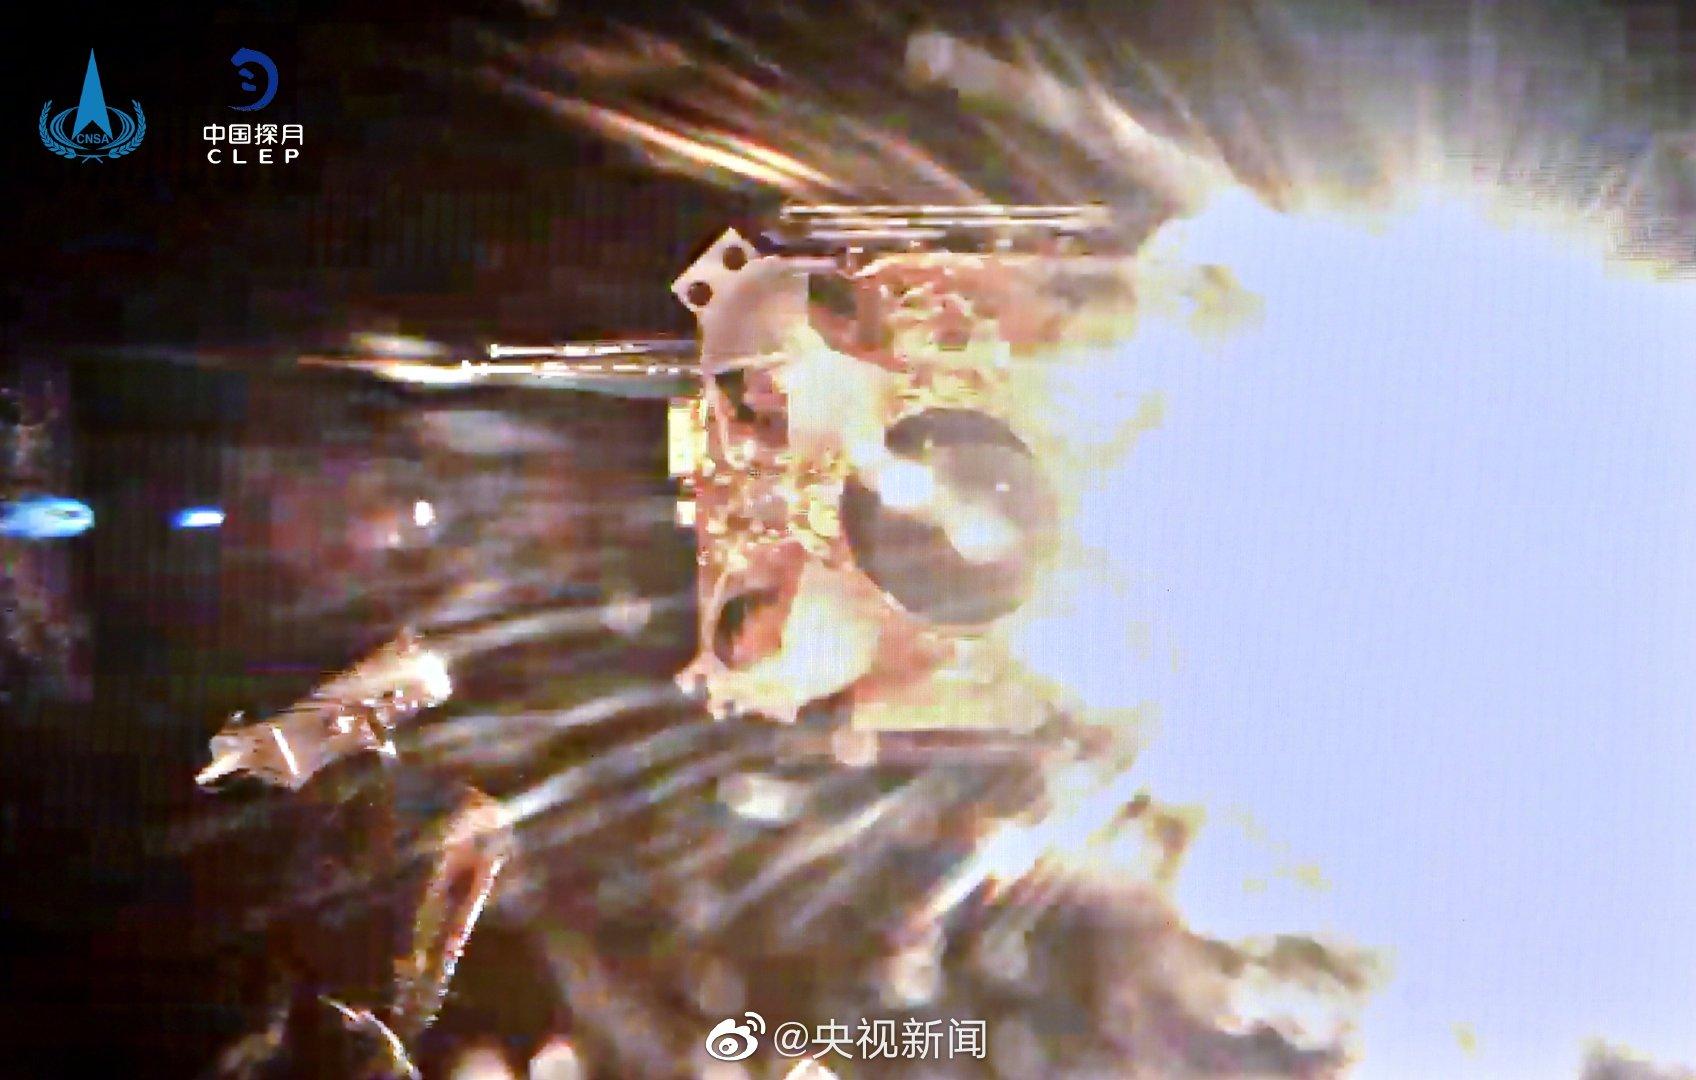 Suivi de la mission lunaire Chang'e-5 - Page 6 EoUsVI3W4AEwqZc?format=jpg&name=large